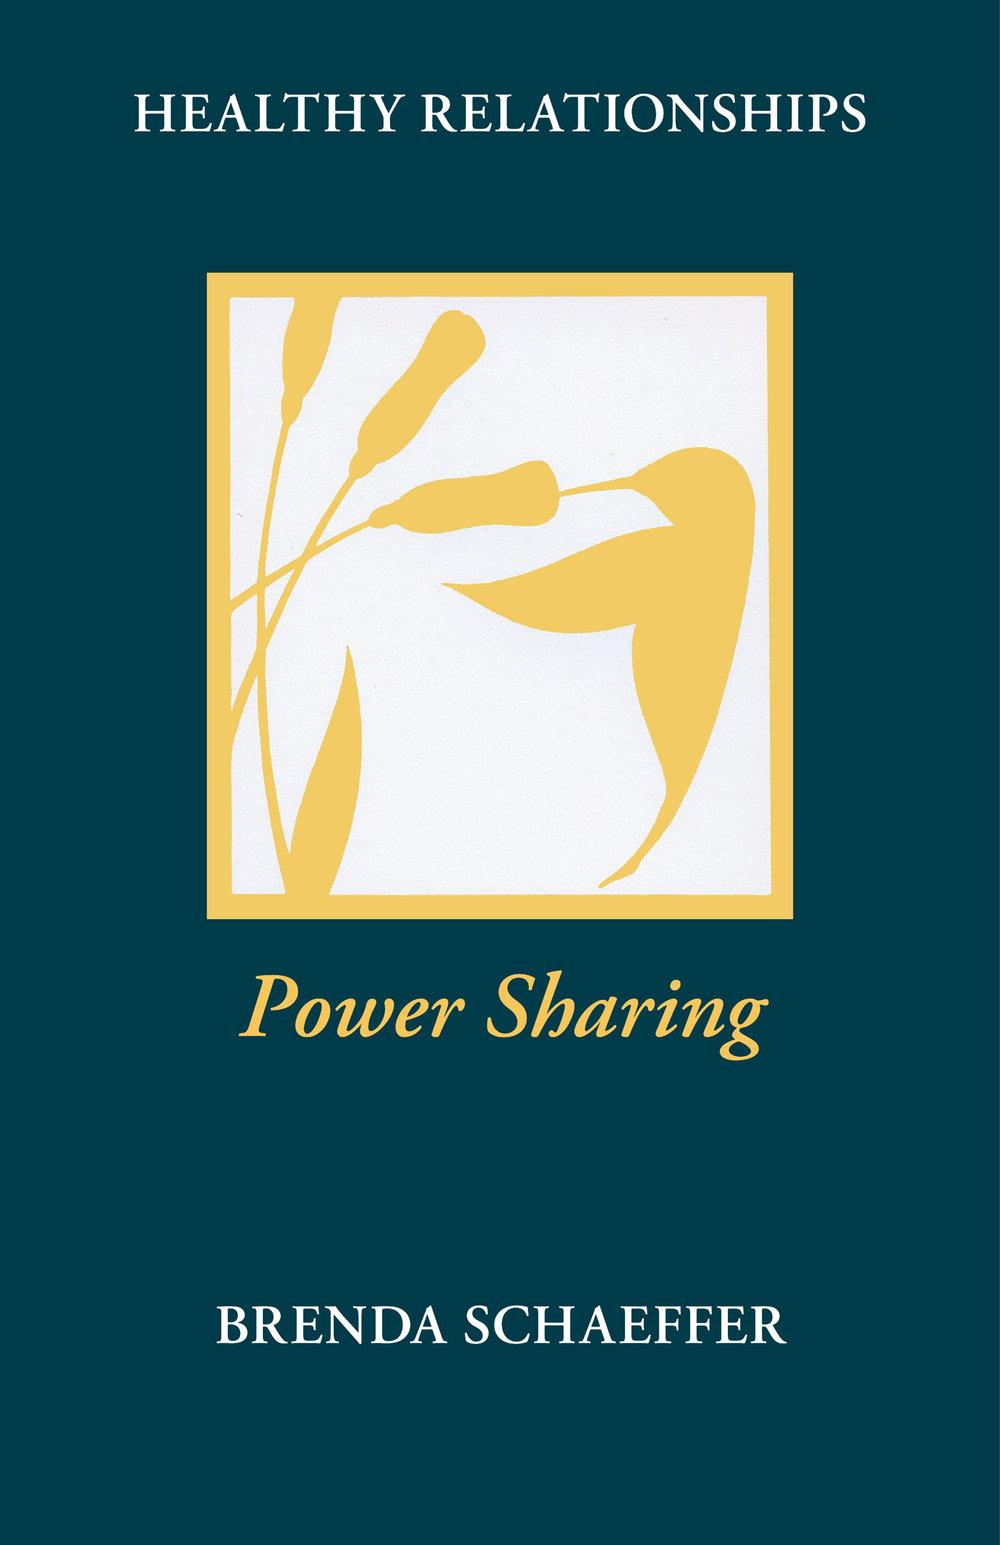 Power Sharing Cover.jpg